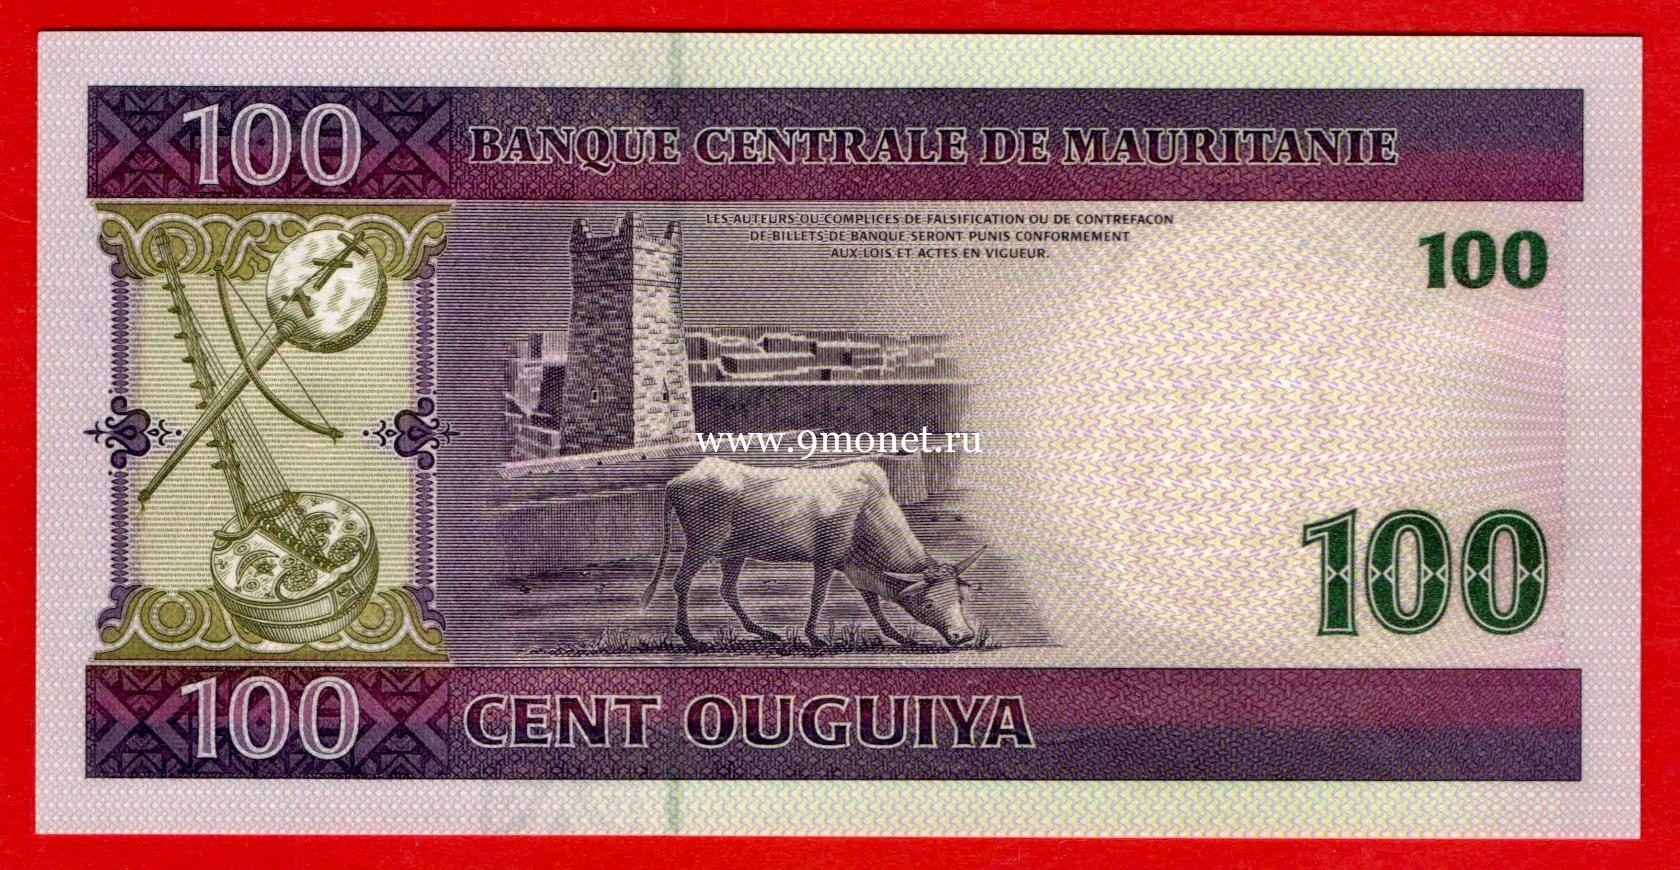 Мавритания банкнота 100 угия 2008 года